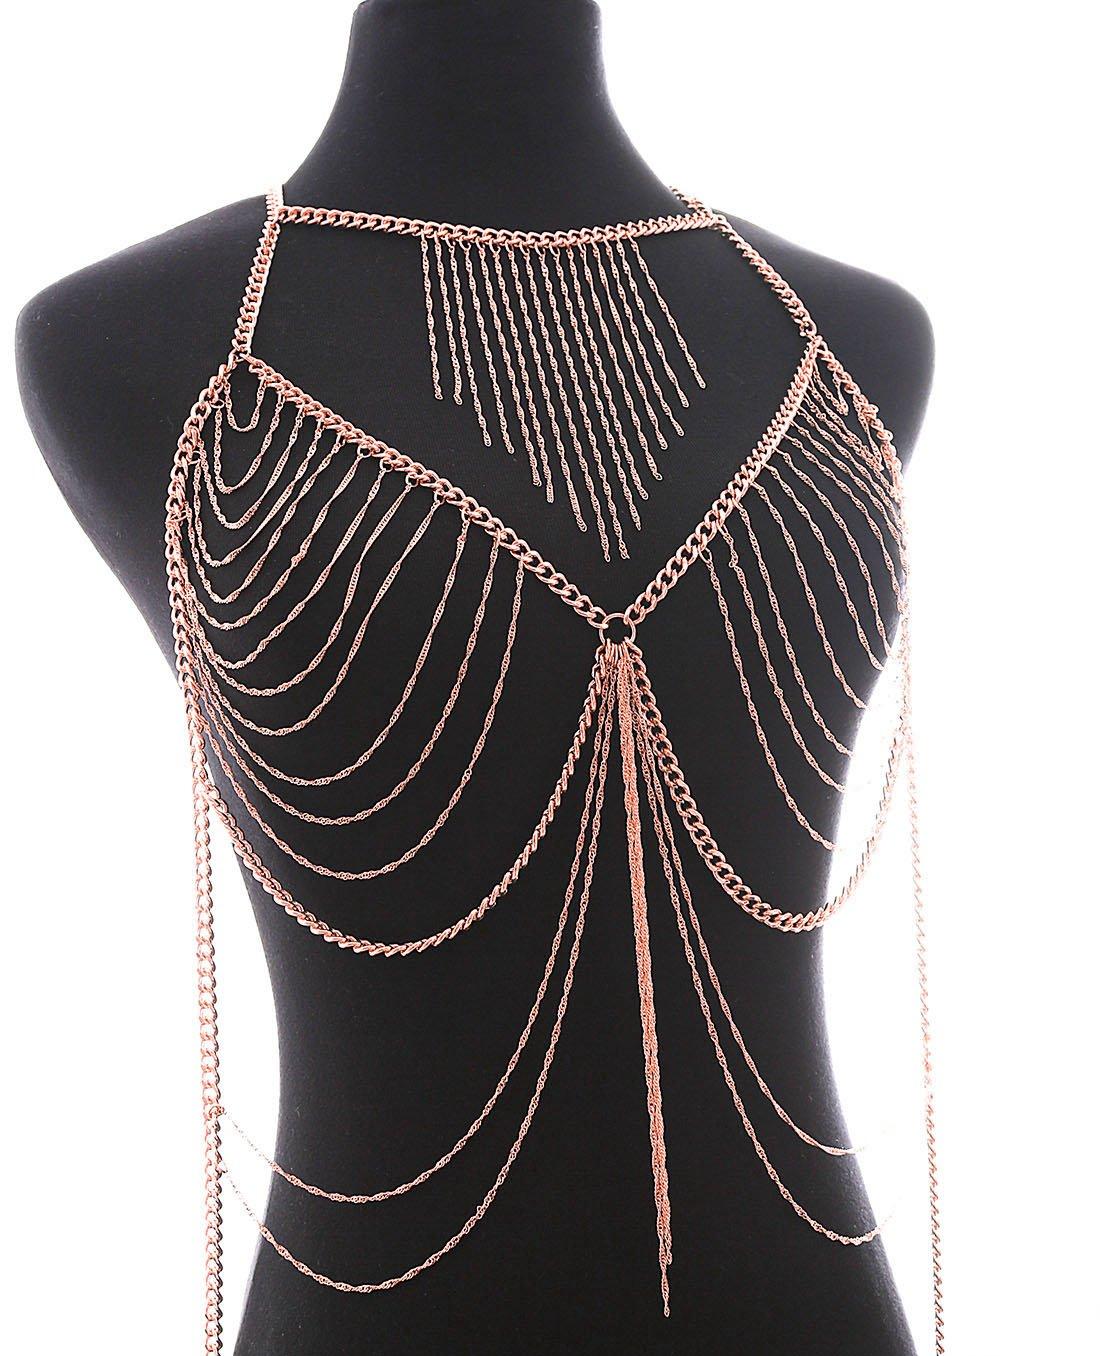 Fine Fashion Boderier Retro Bikini Bralette Chain Harness Necklace Crossover Body Chain For Women (Rose Gold)